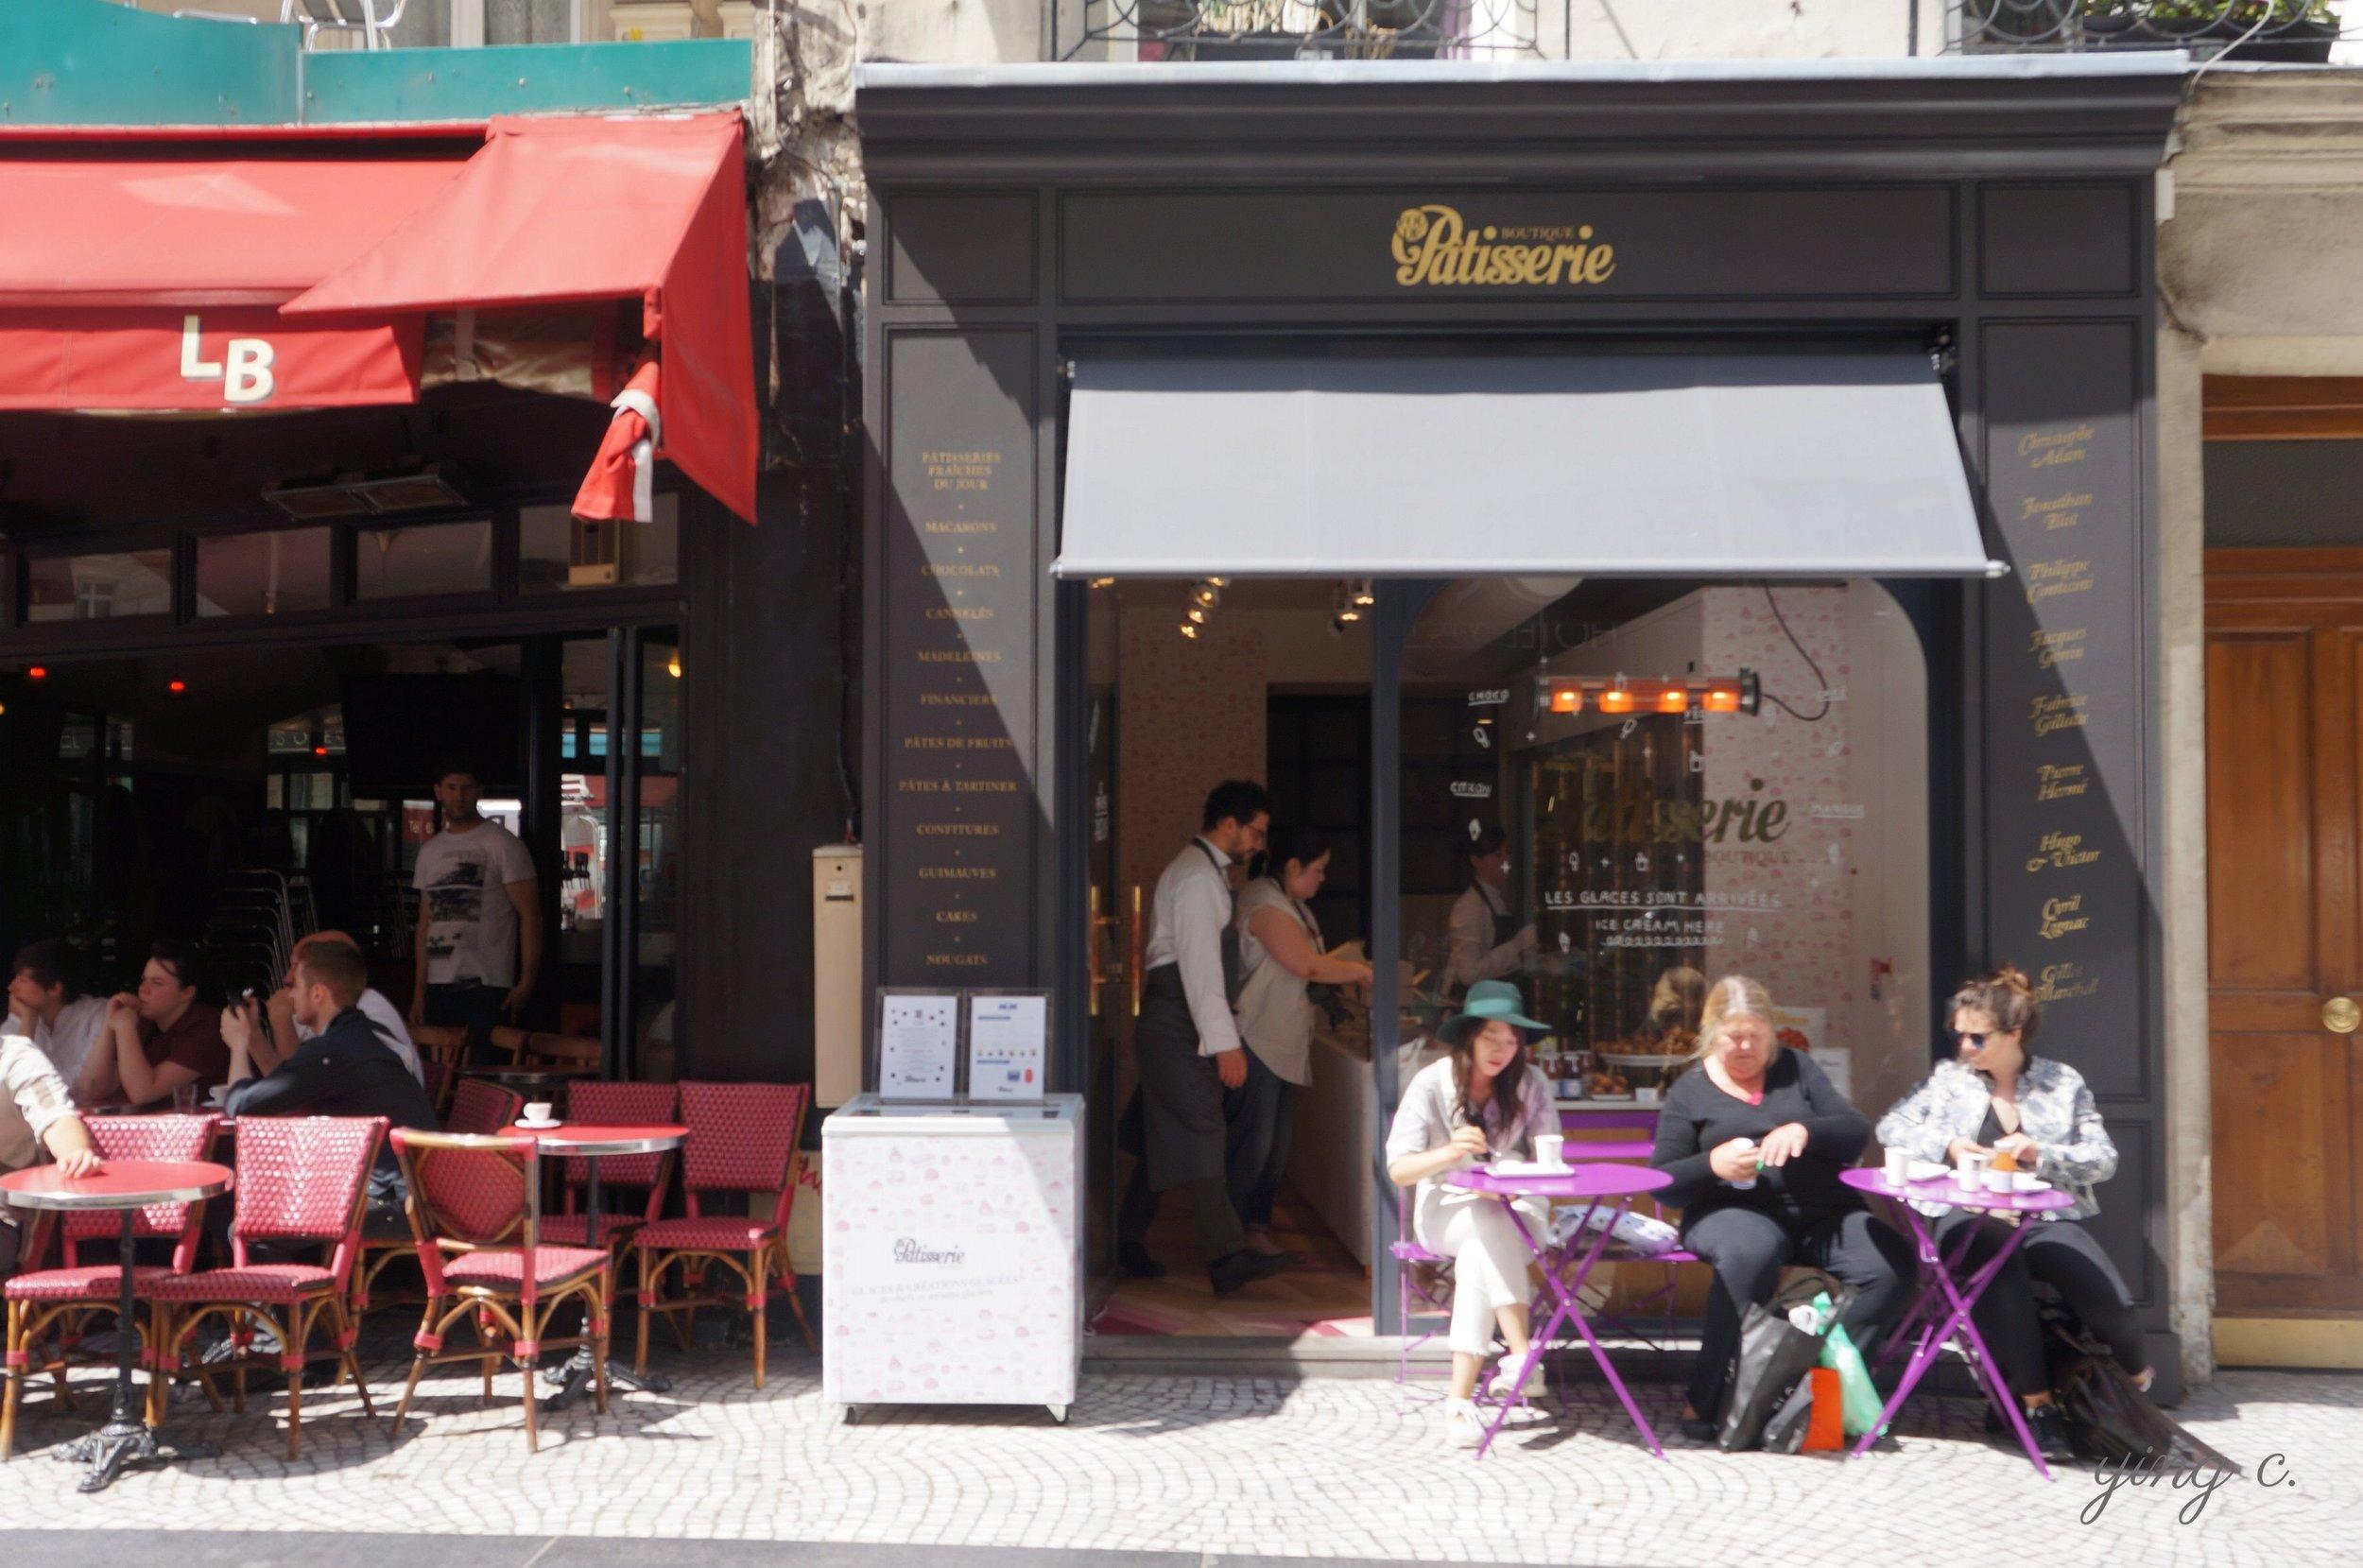 Fou de Pâtisserie在Rue Montorgueil的店面。